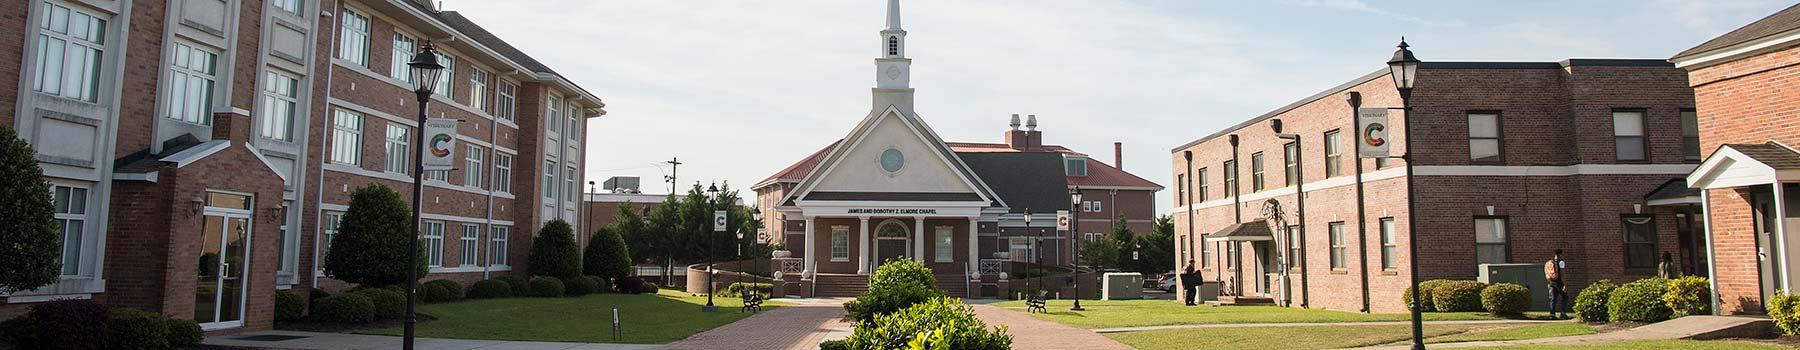 Campus chapel and quad